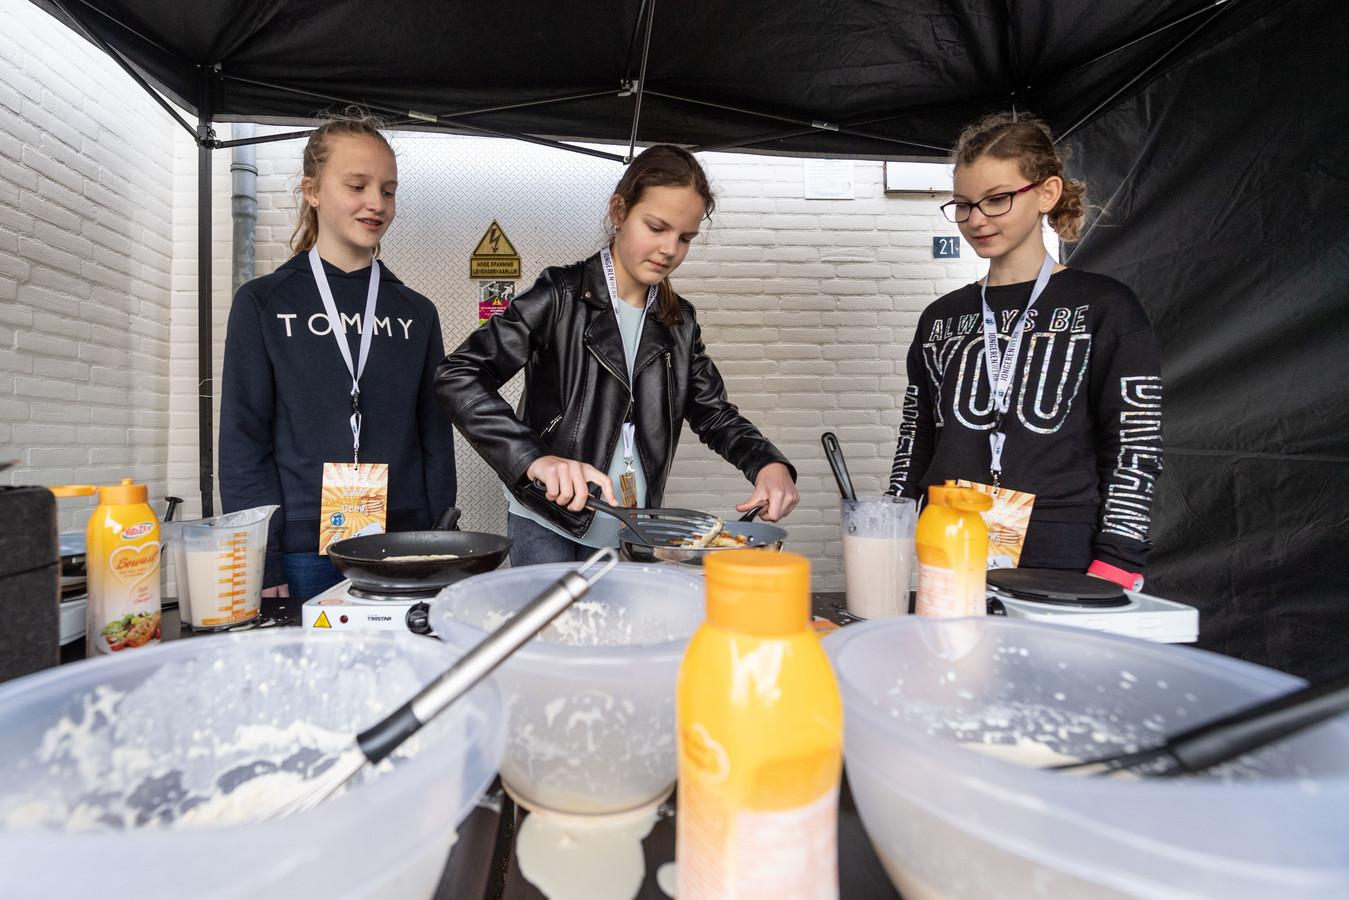 In het kader van NLdoet bakken jongeren in de wijk Wierden West pannenkoeken voor de buurt. (L-R) Iris, Milou en Milou druk aan het bakken.